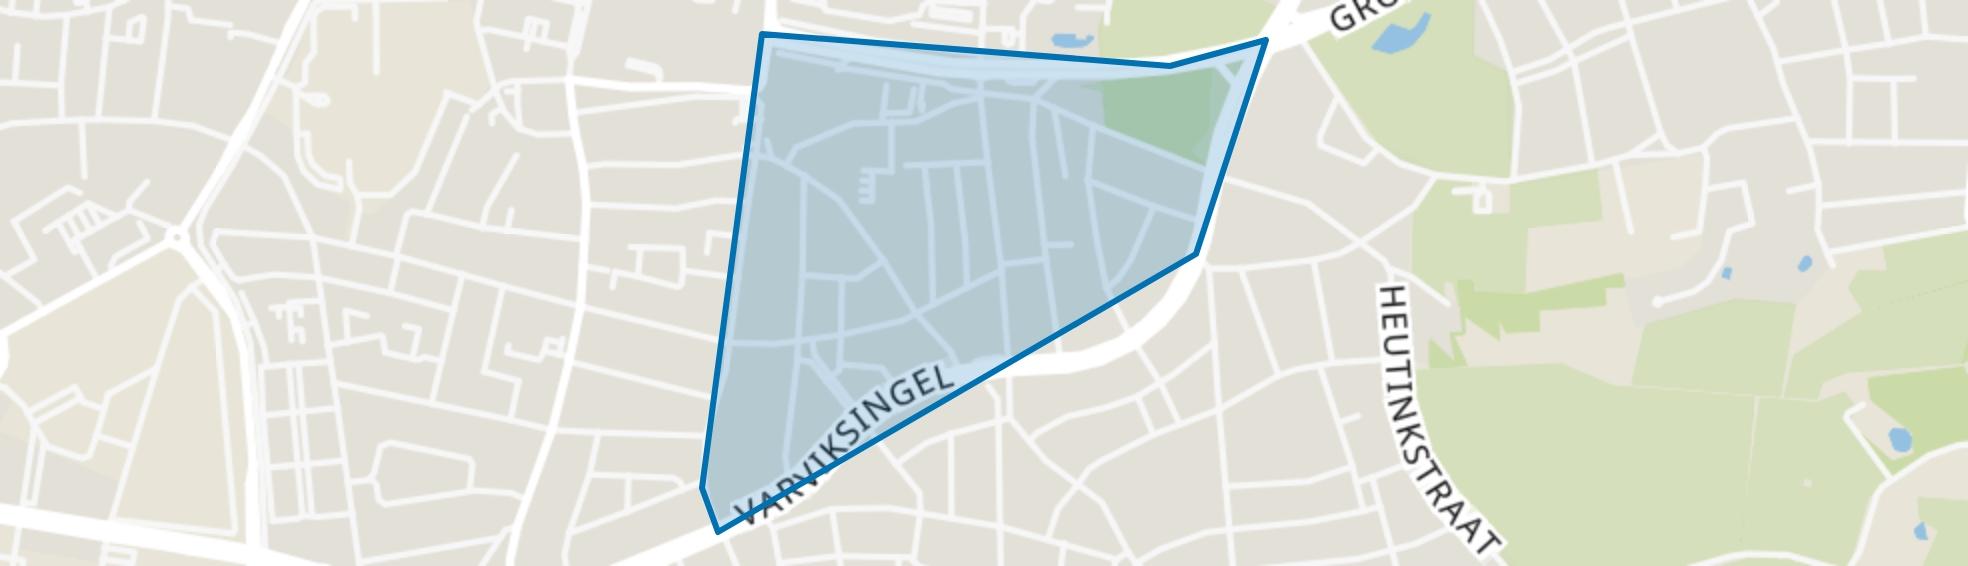 Hogeland-Noord, Enschede map